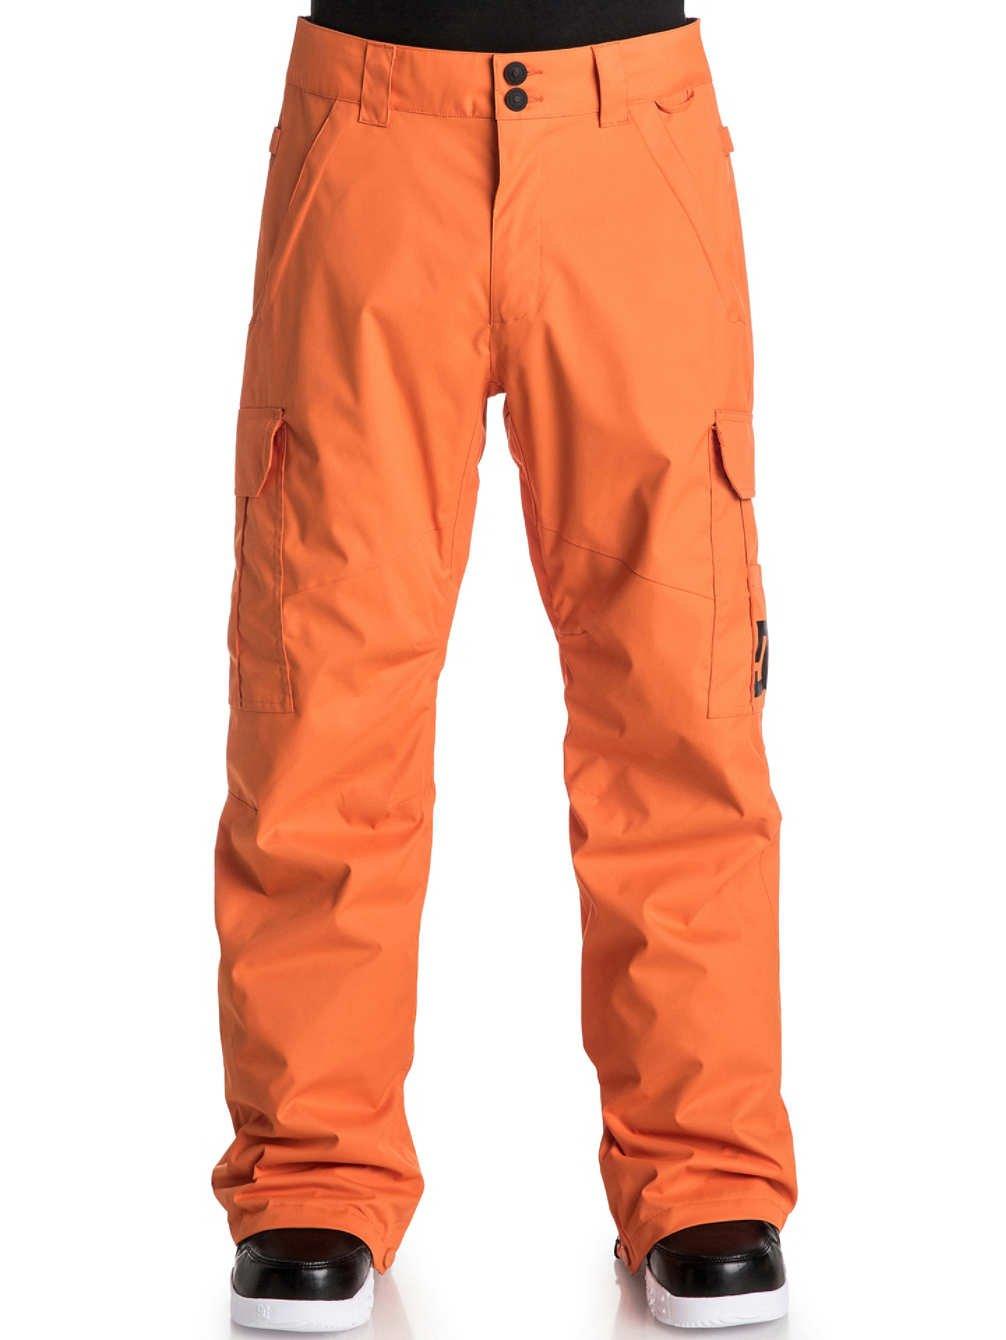 DC Shoes Banshee - Pantalón Nieve para Hombre: DC: Amazon.es: Deportes y aire libre